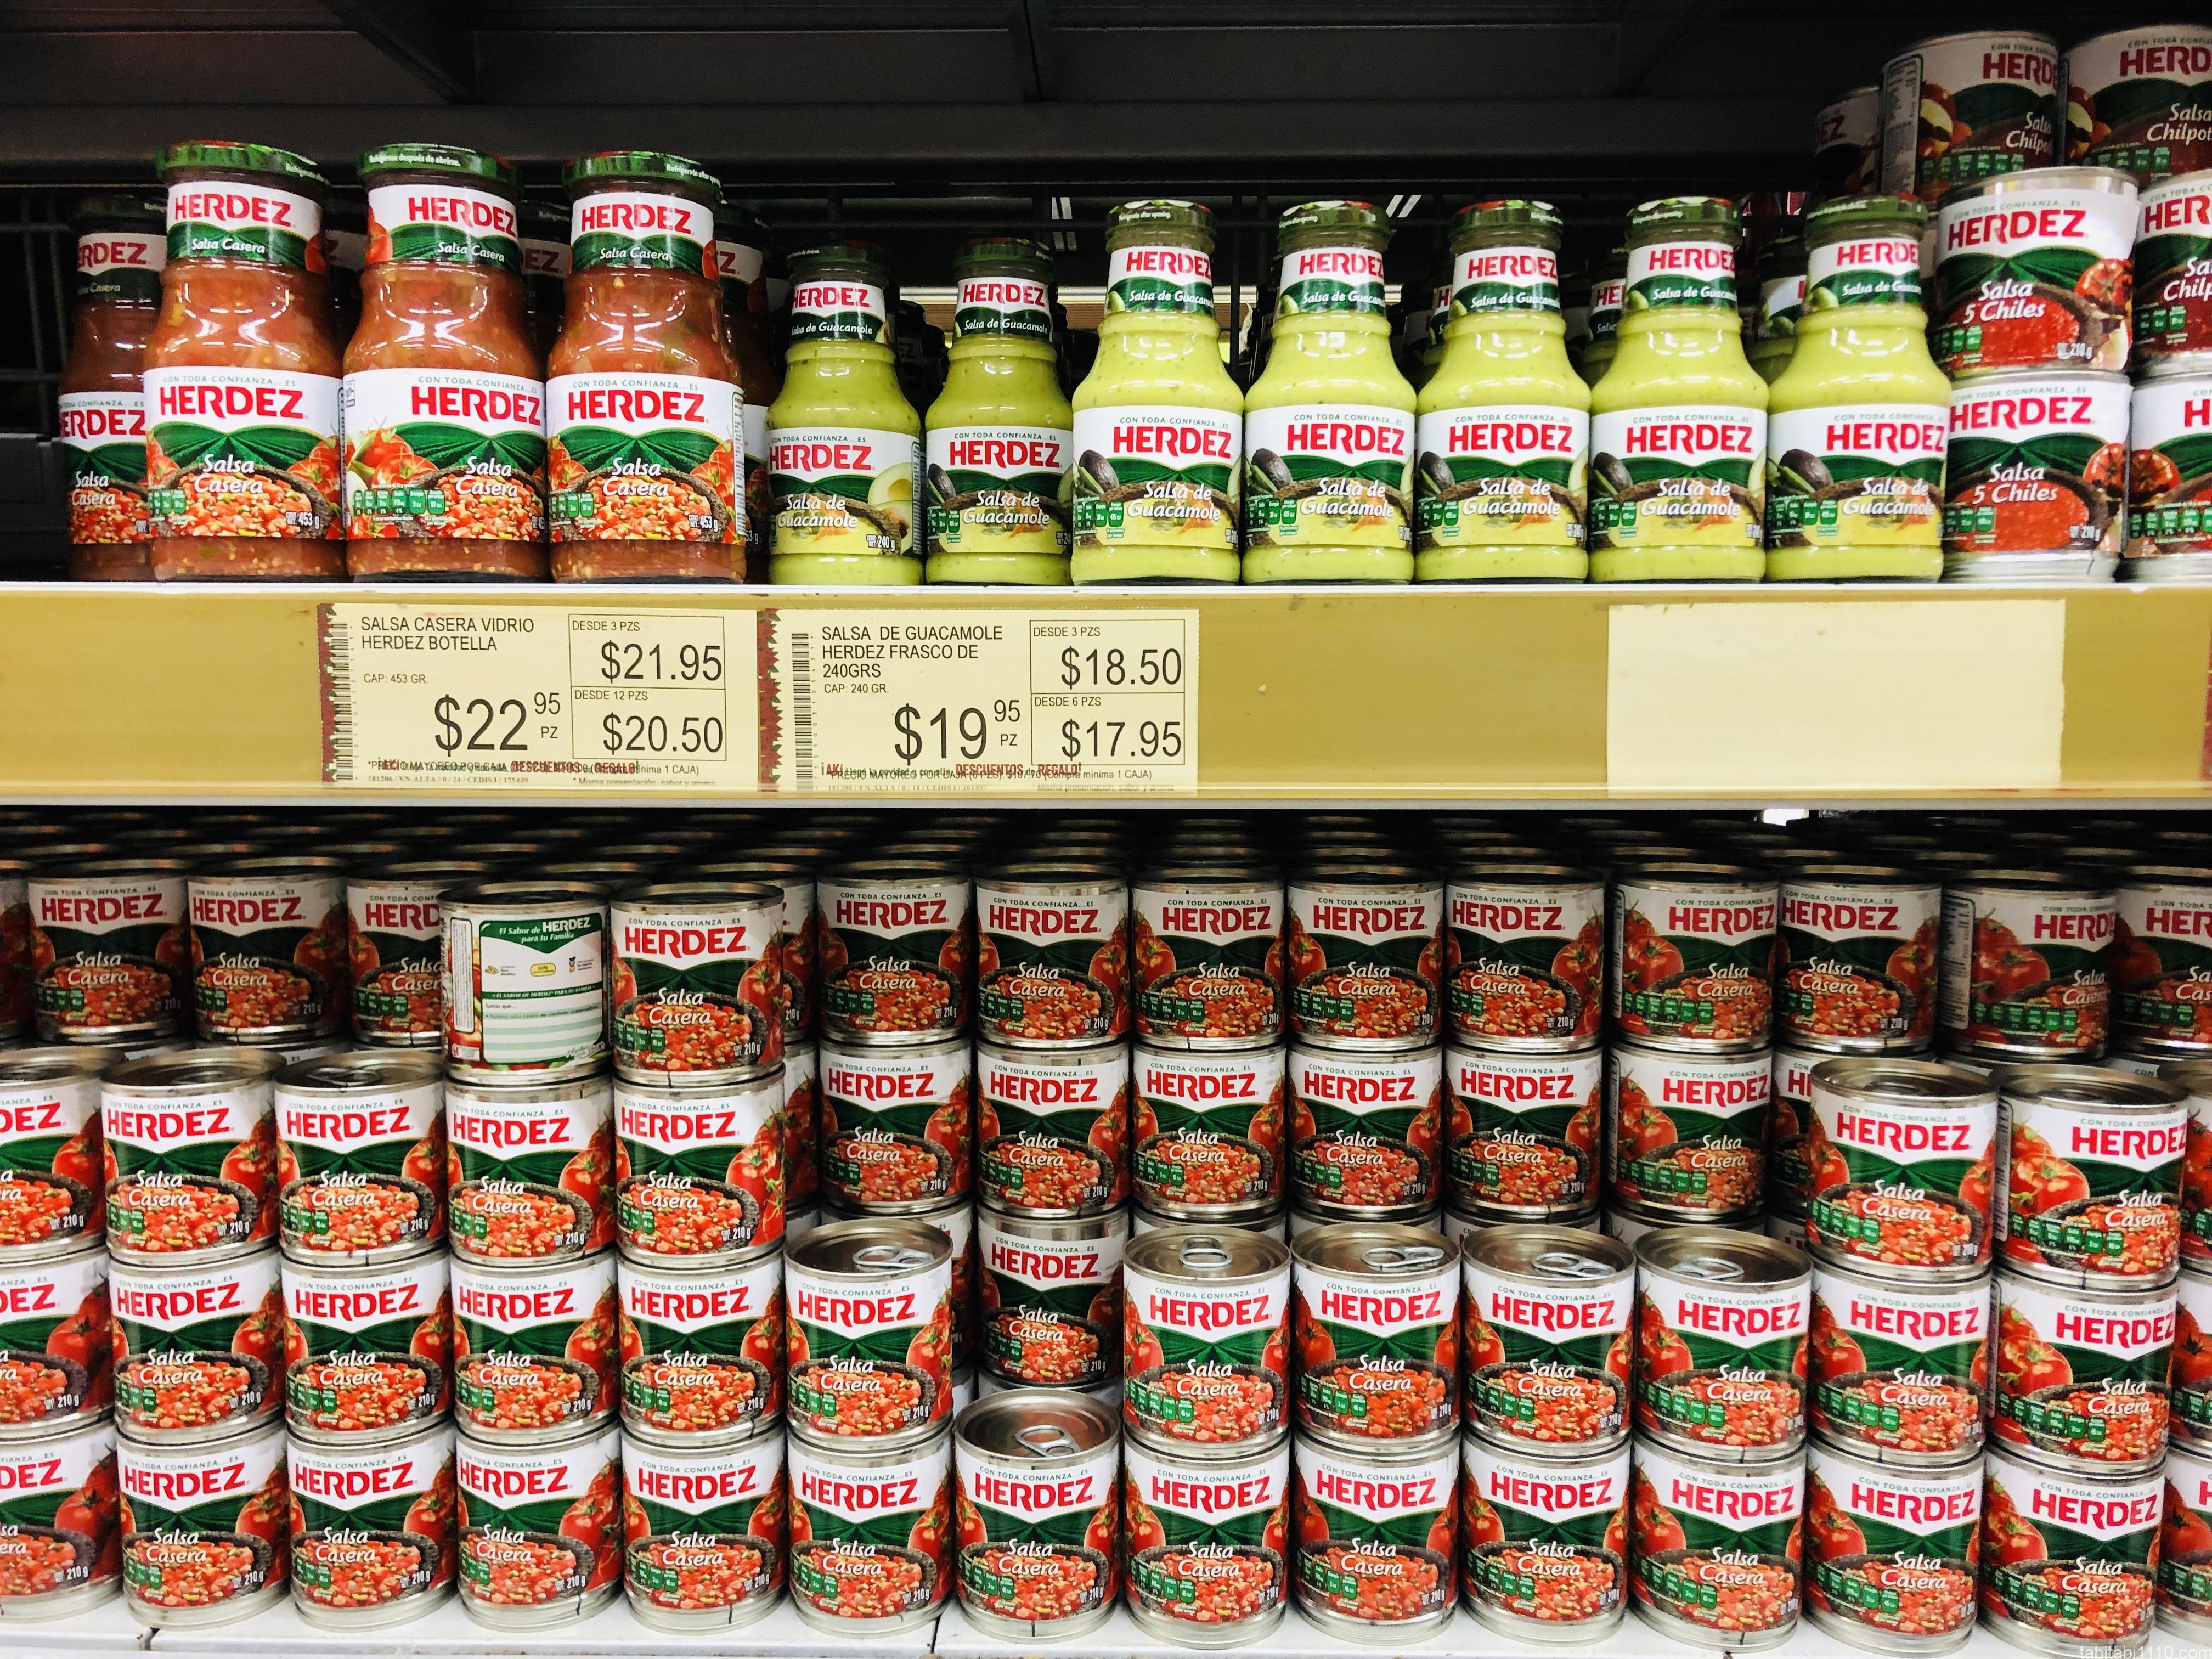 コスメル島|スーパーのサルサ